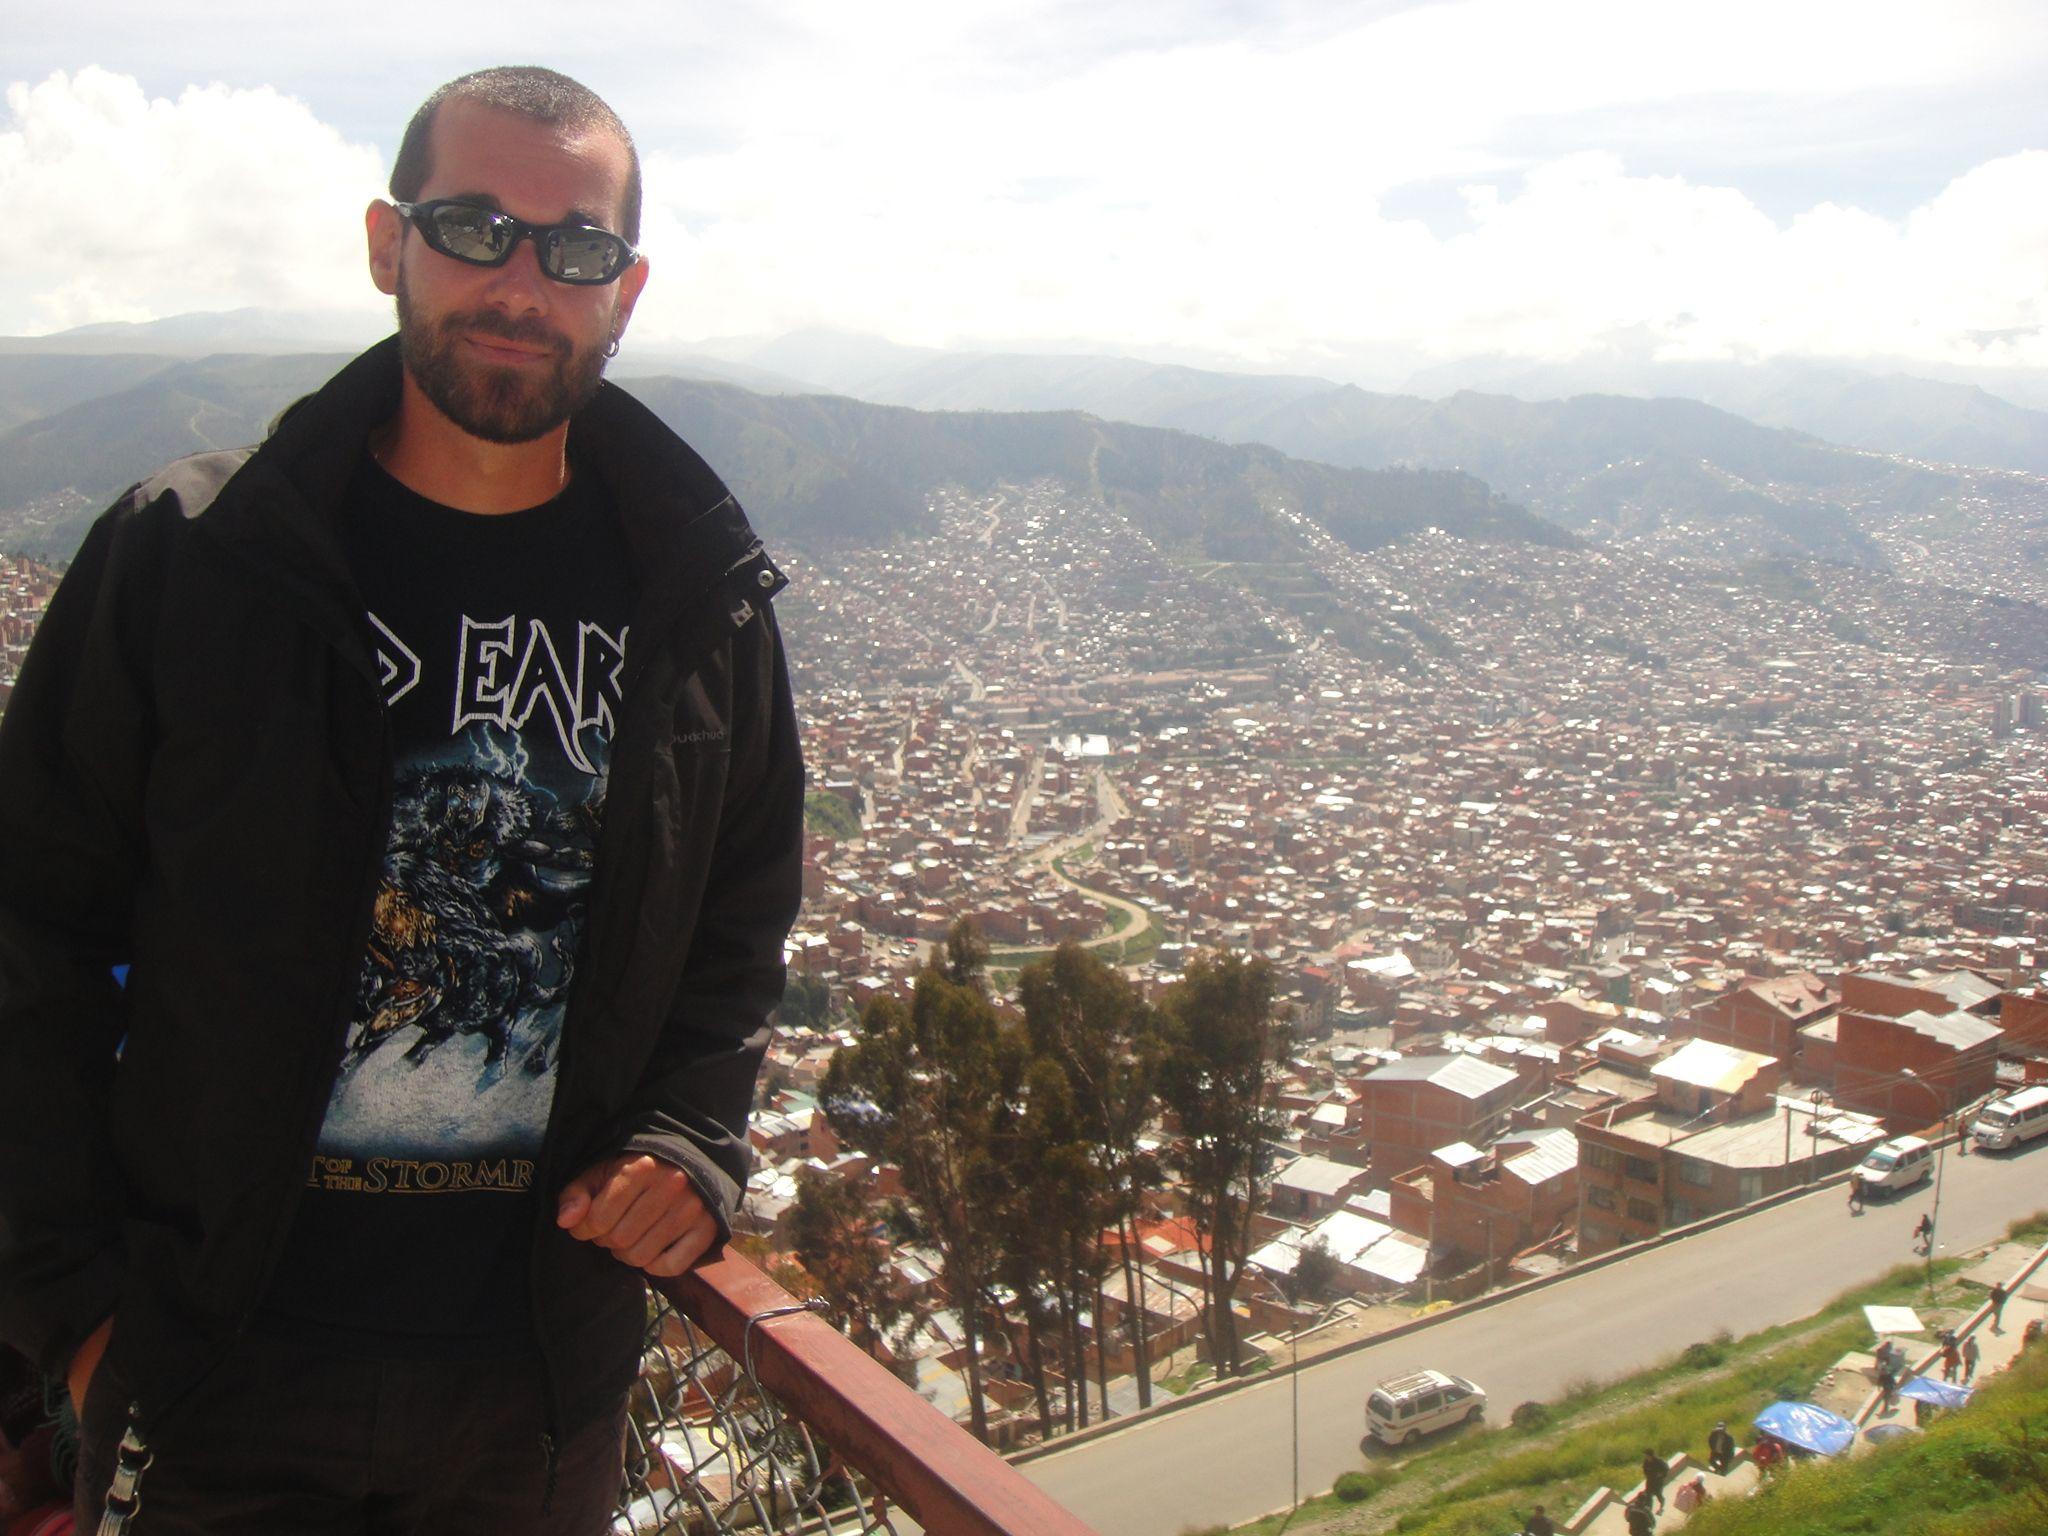 #LaPaz, la capital a más altura del mundo, es un contraste brutal con todo lo que has visto hasta ese momento. Mereció mucho la pena.